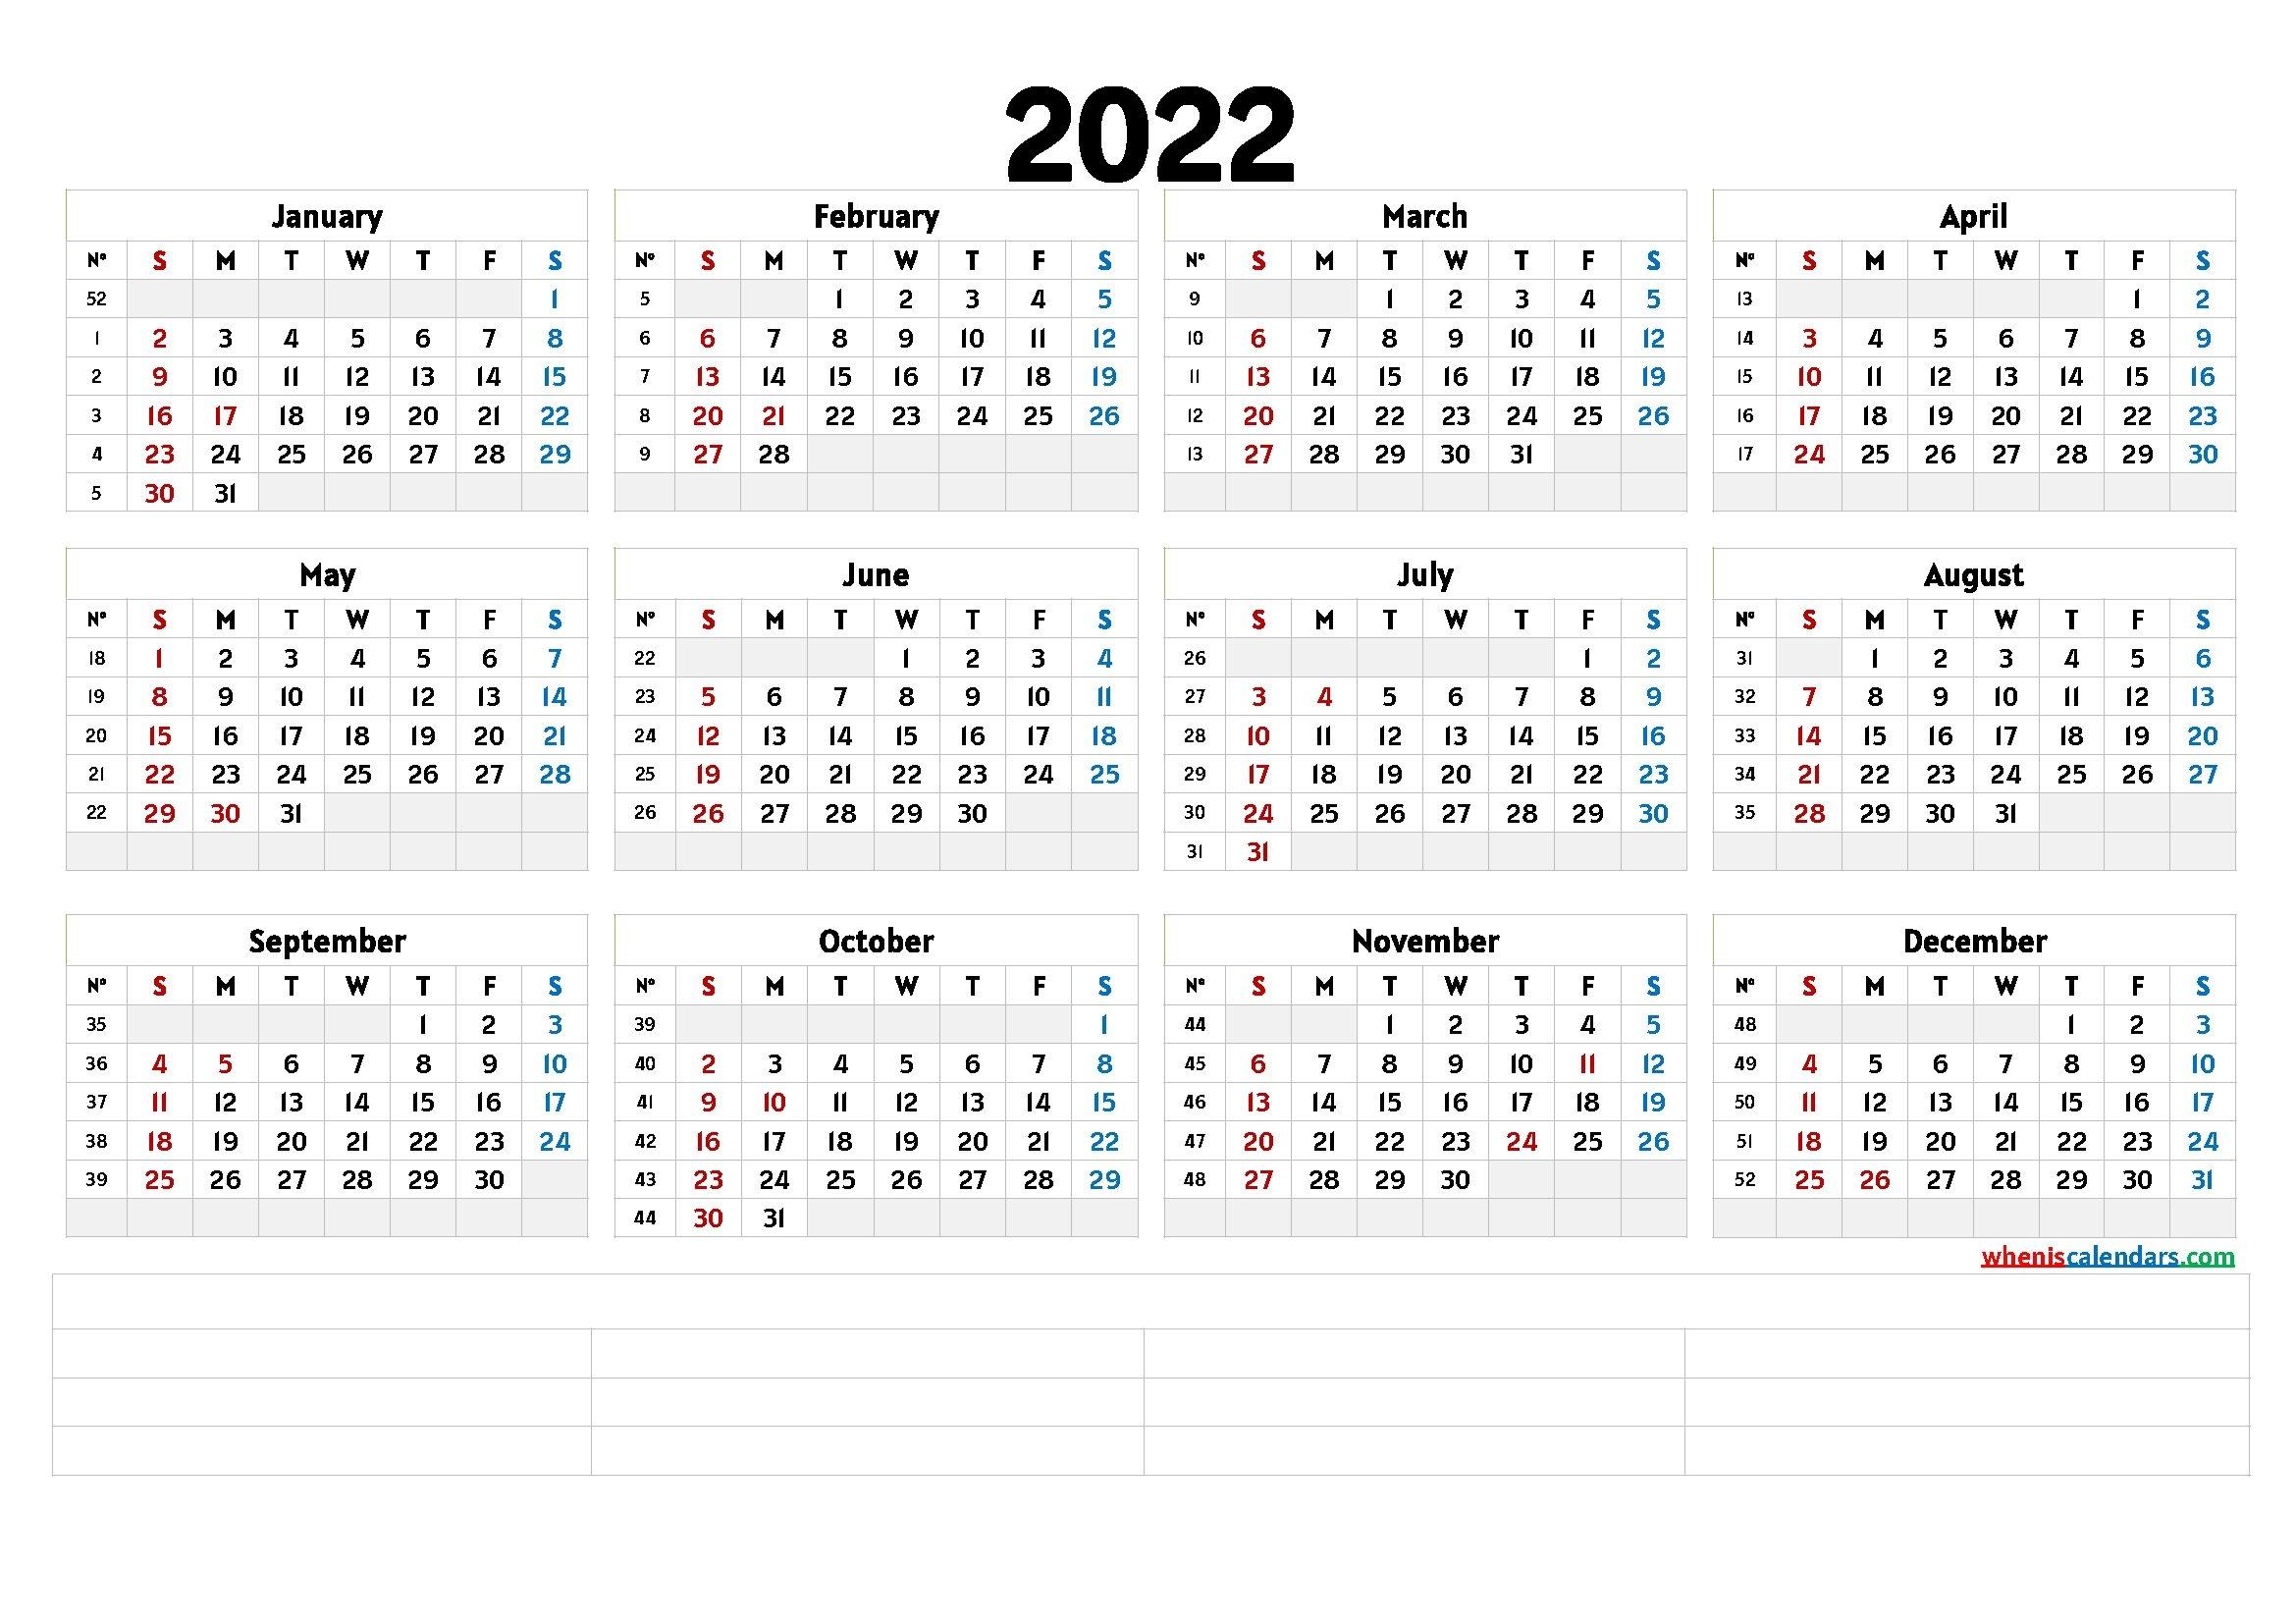 Free Printable 2022 Calendar Templates - Calendraex